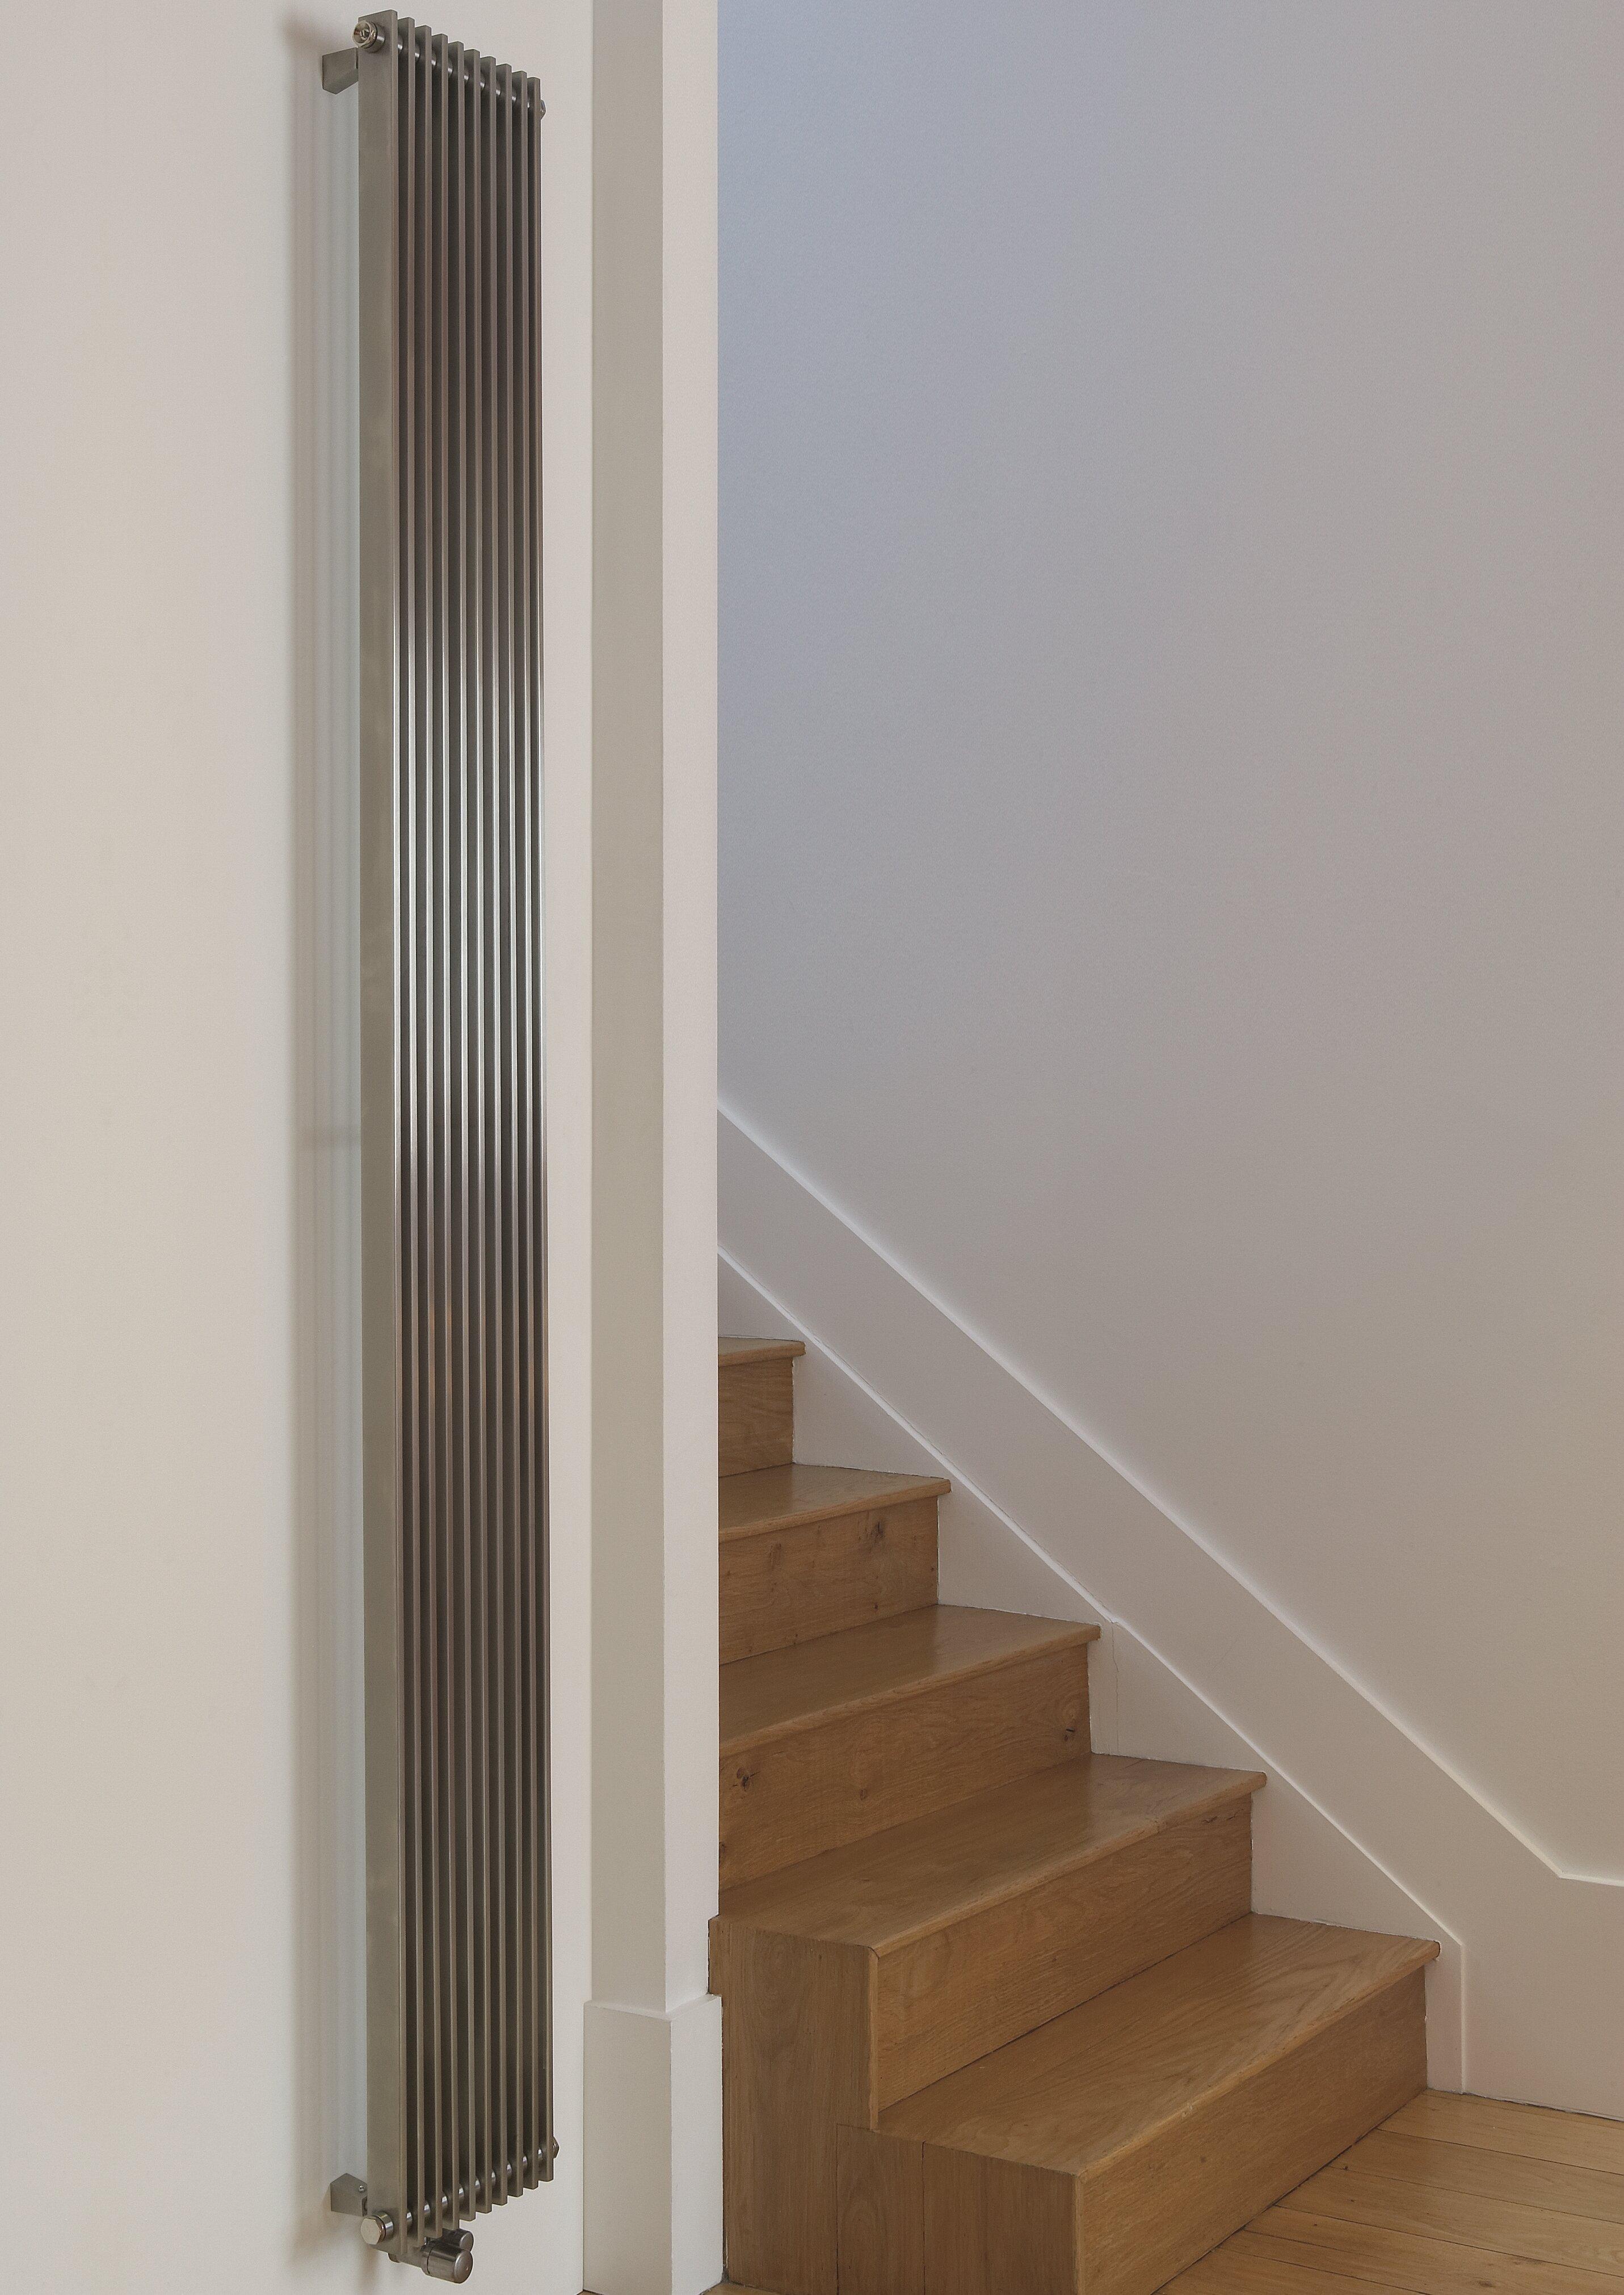 Vertikale Designer-Heizung Benjamin